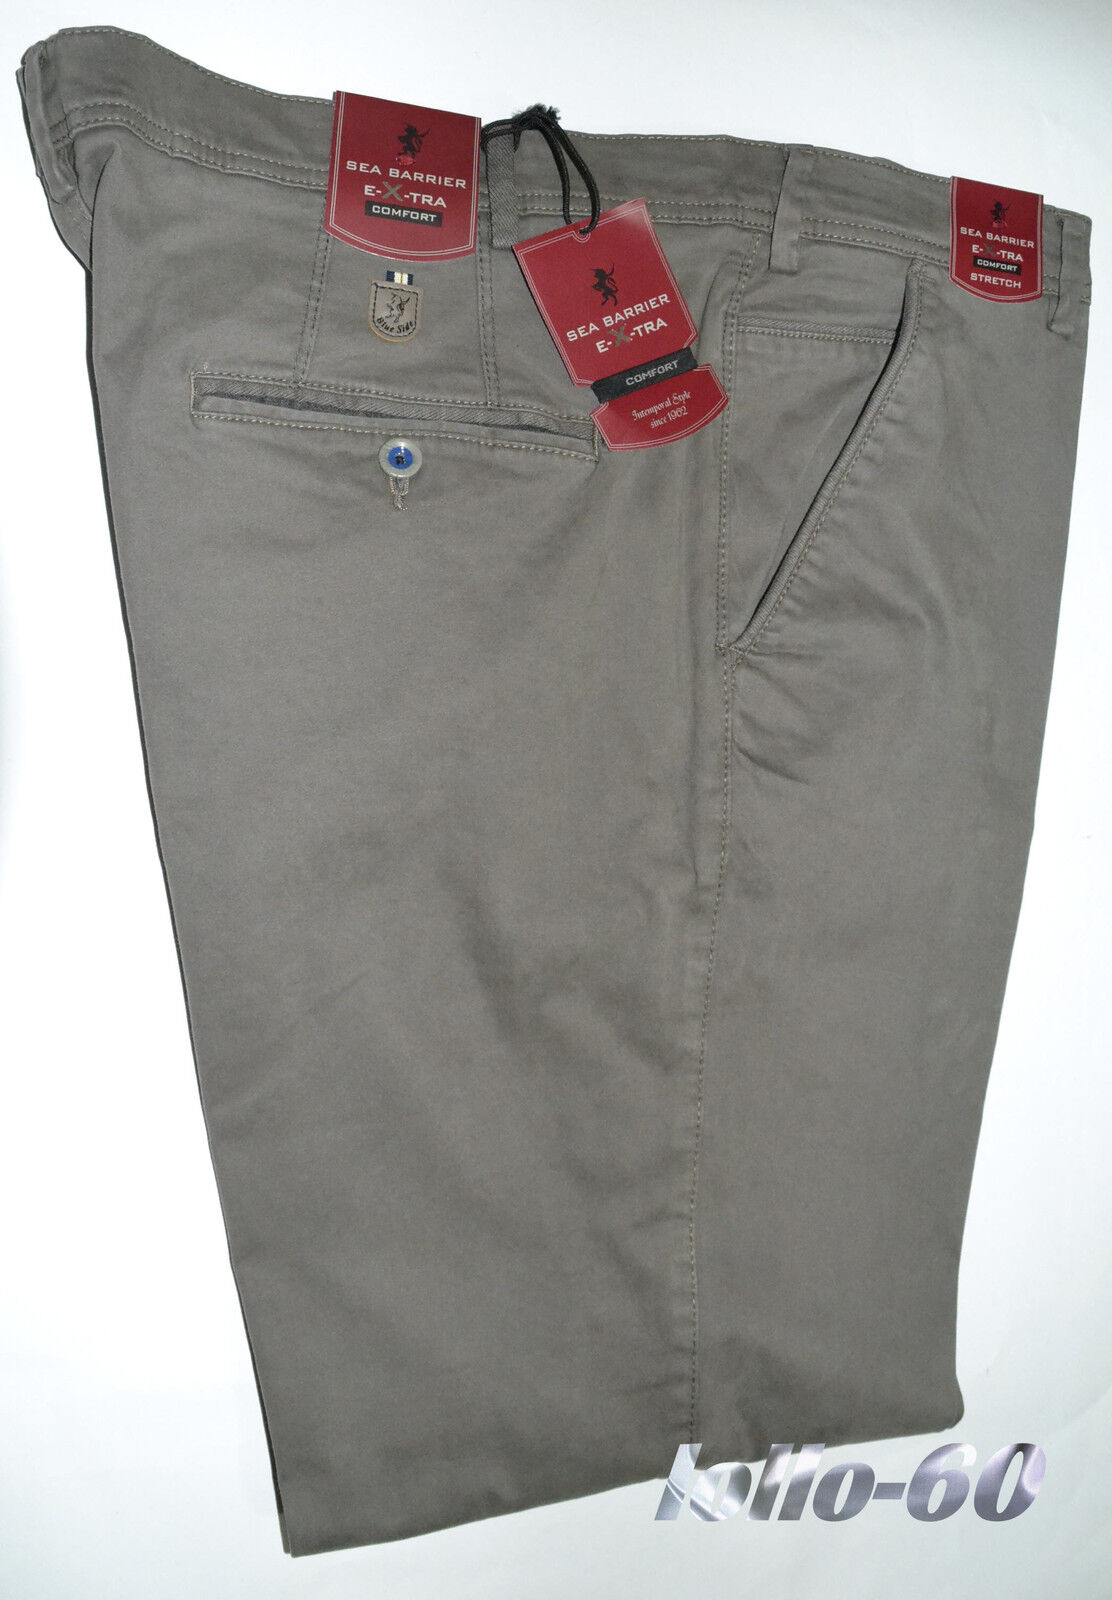 Herrenhosen Übergröße Größe 67 Baumwolle heiß elastisch kalibriert beige